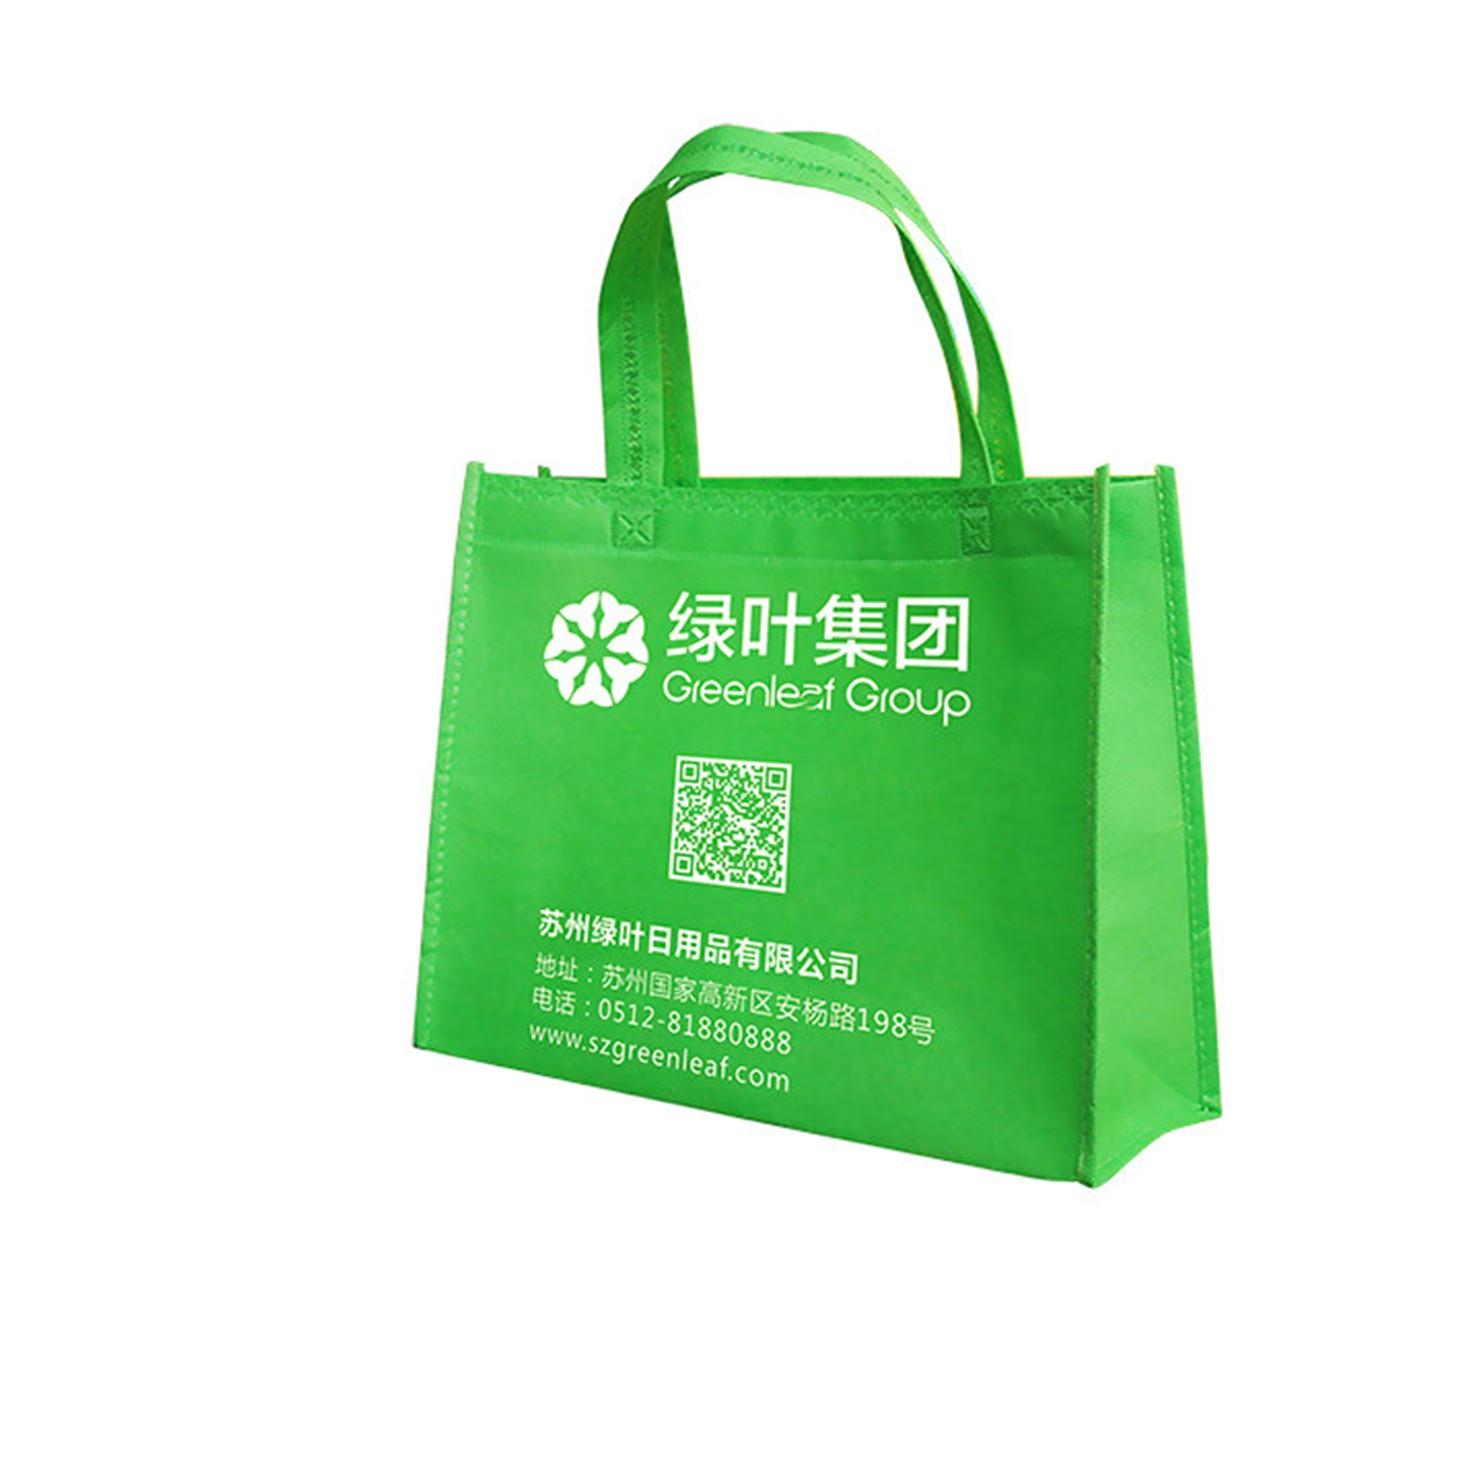 Greenleaf Non-woven Bag(200pcs/Ctn)